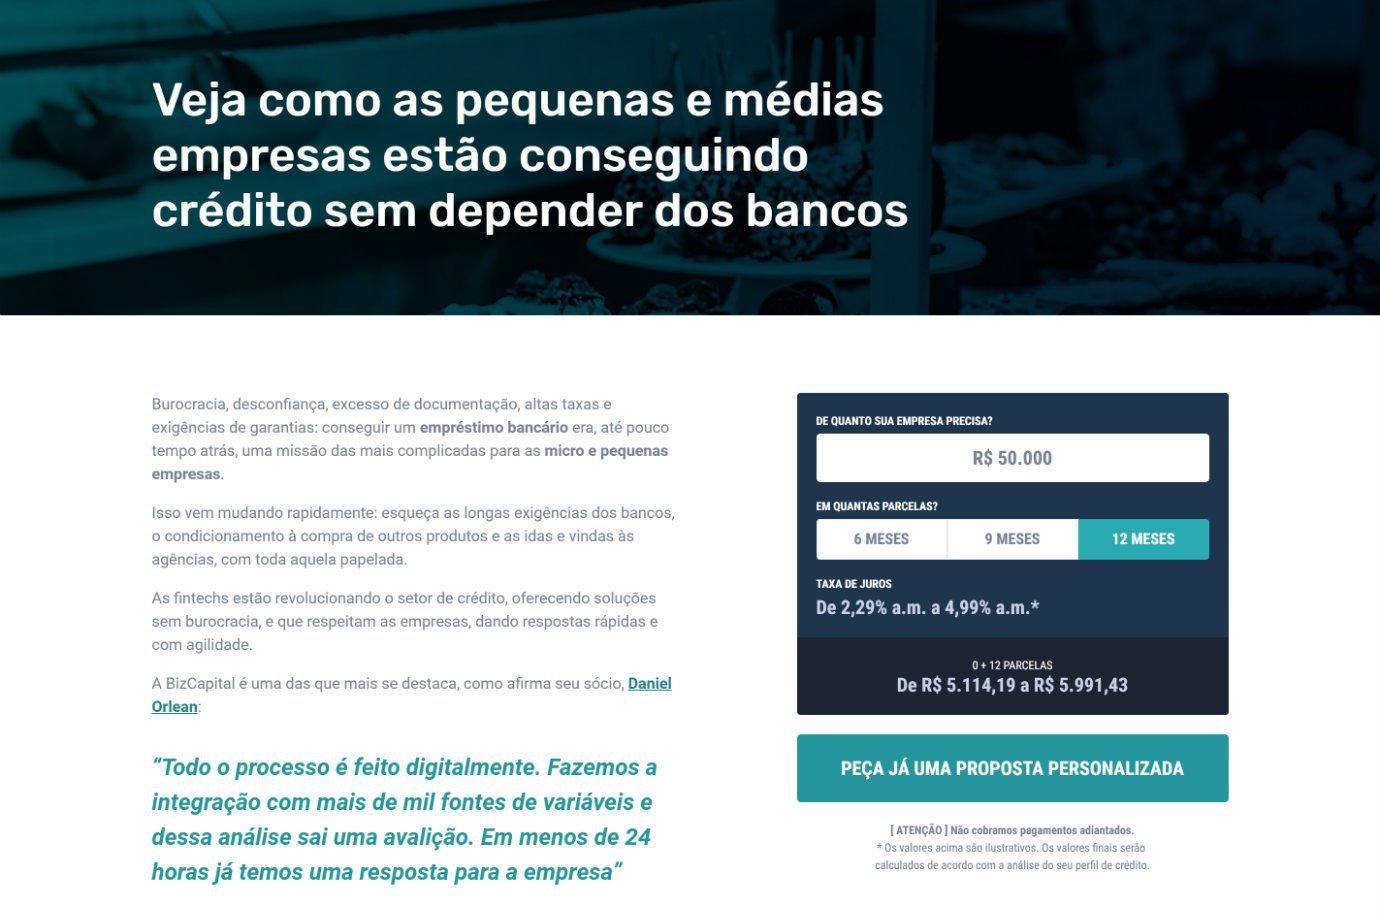 Tela de reprodução do site da BizCapital